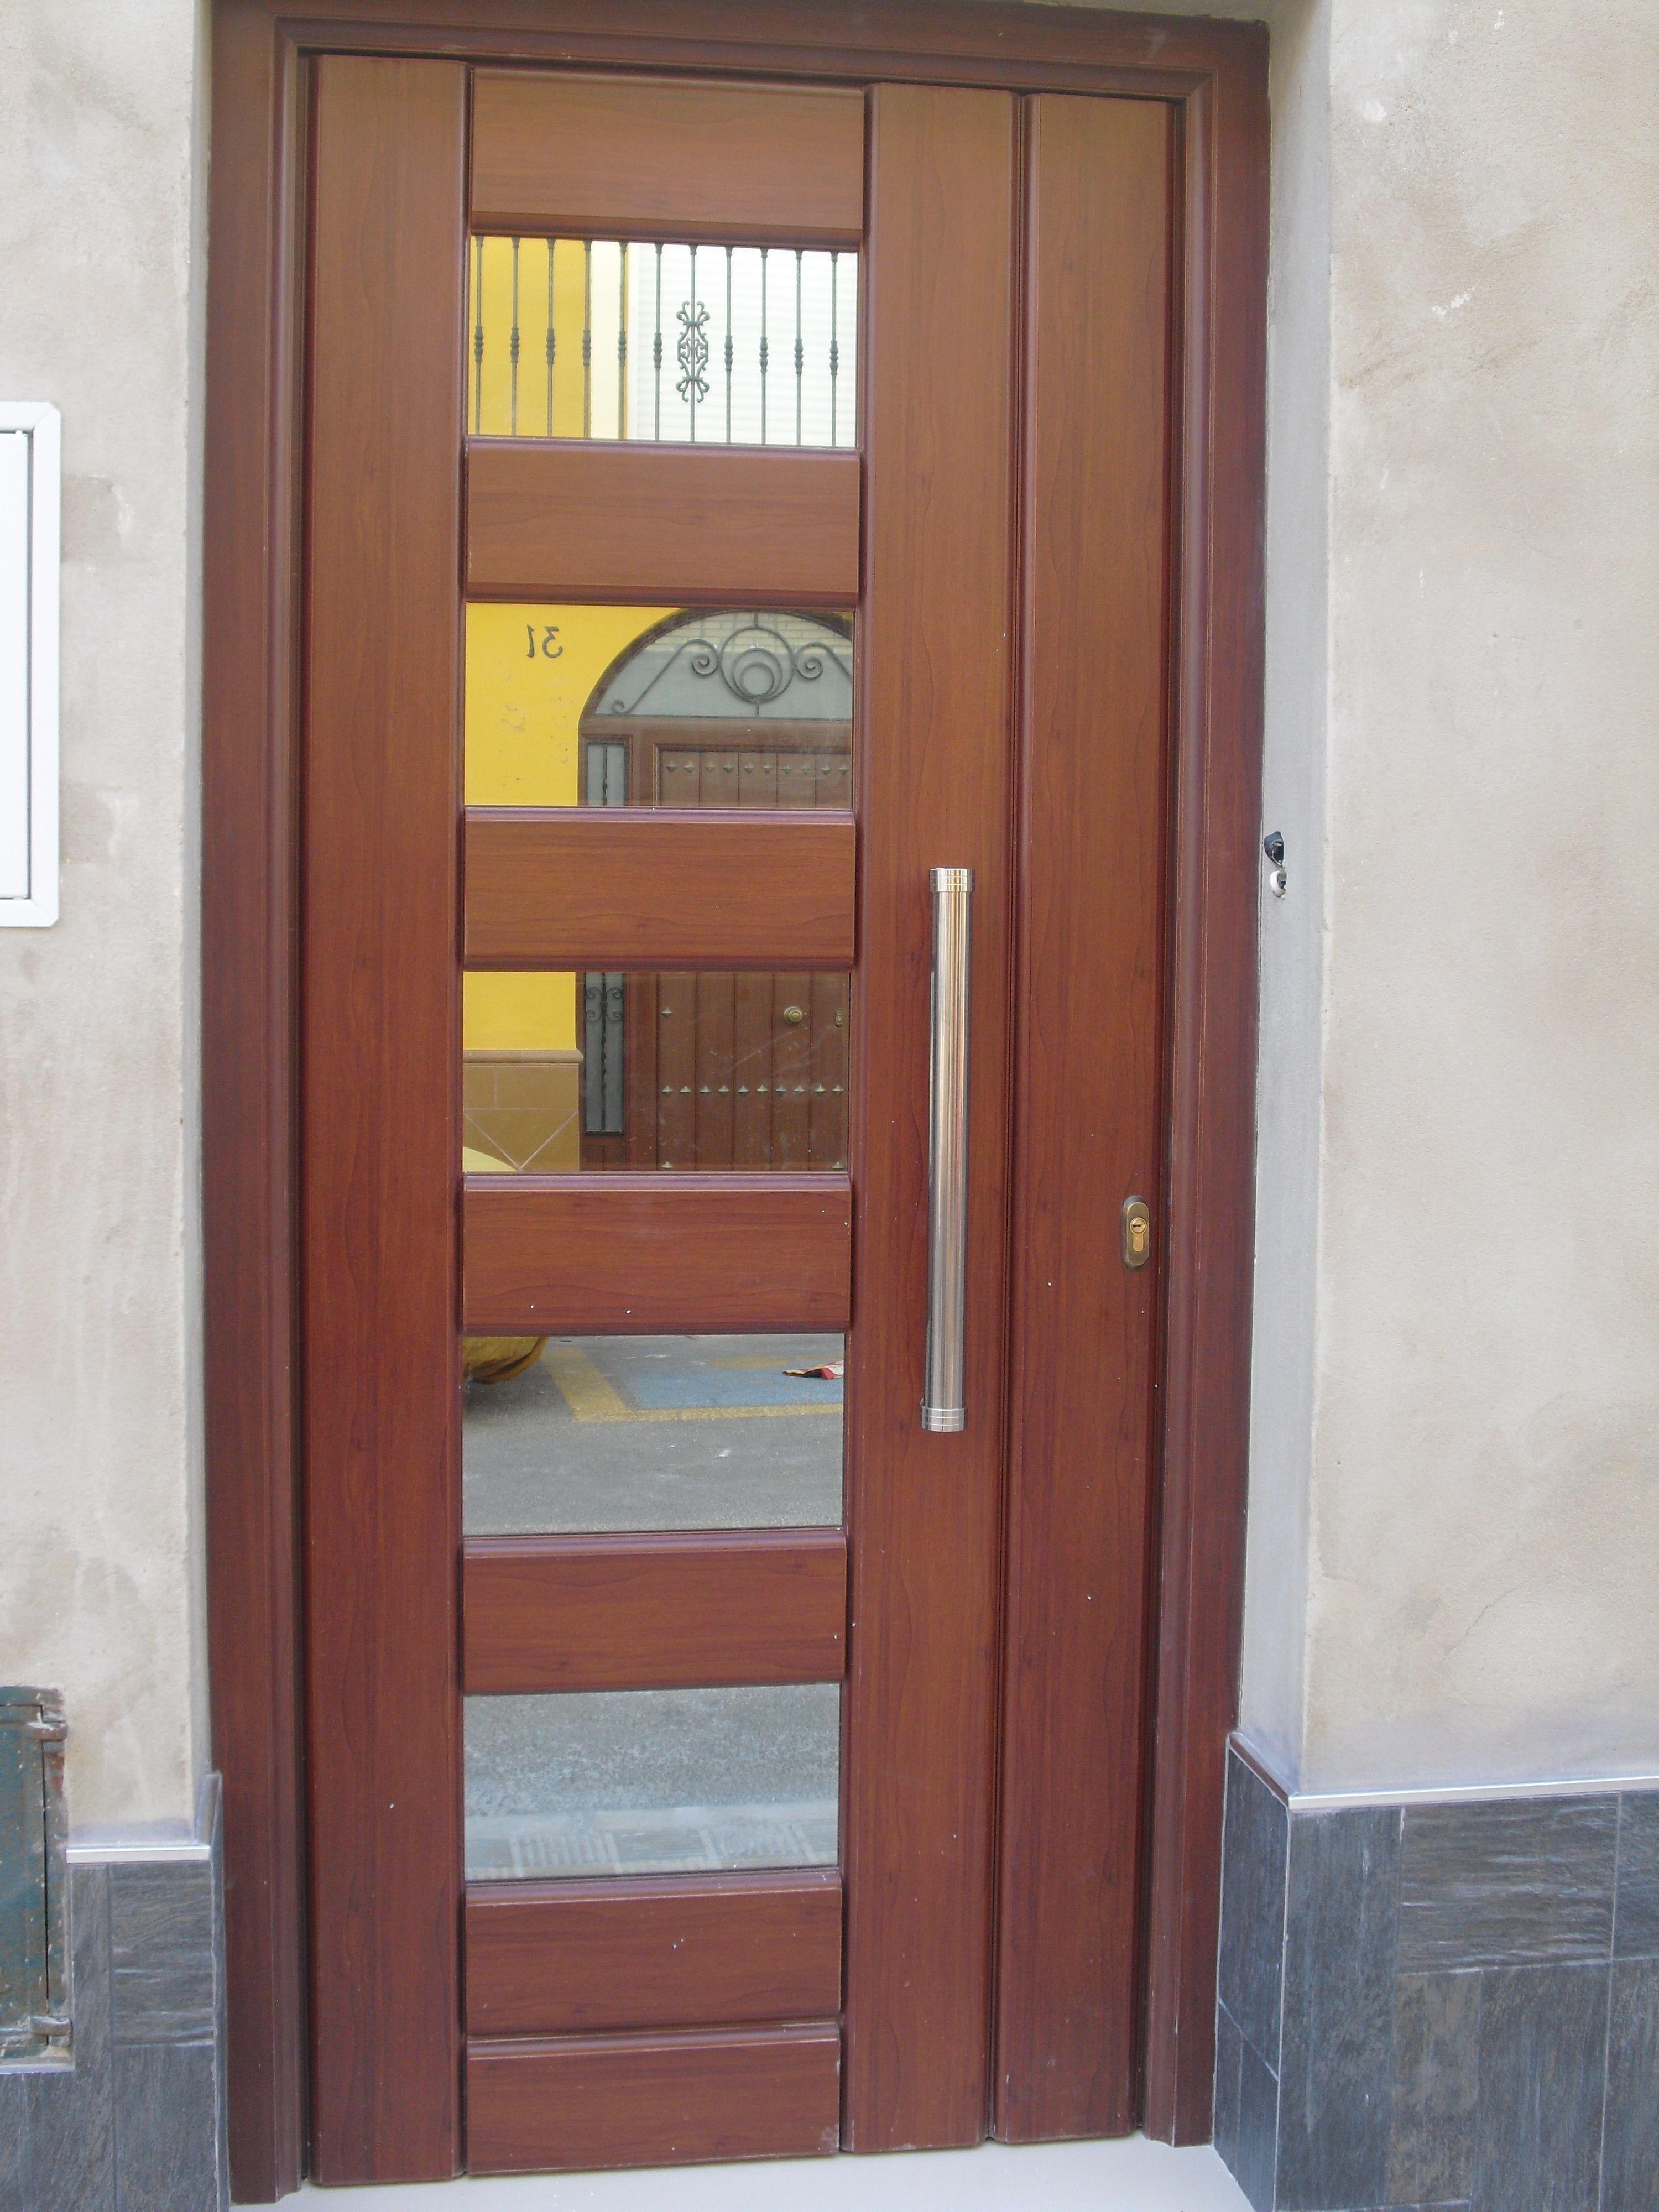 Puertas de aluminiopure nudist junior - Puertas de aluminio para exterior fotos ...